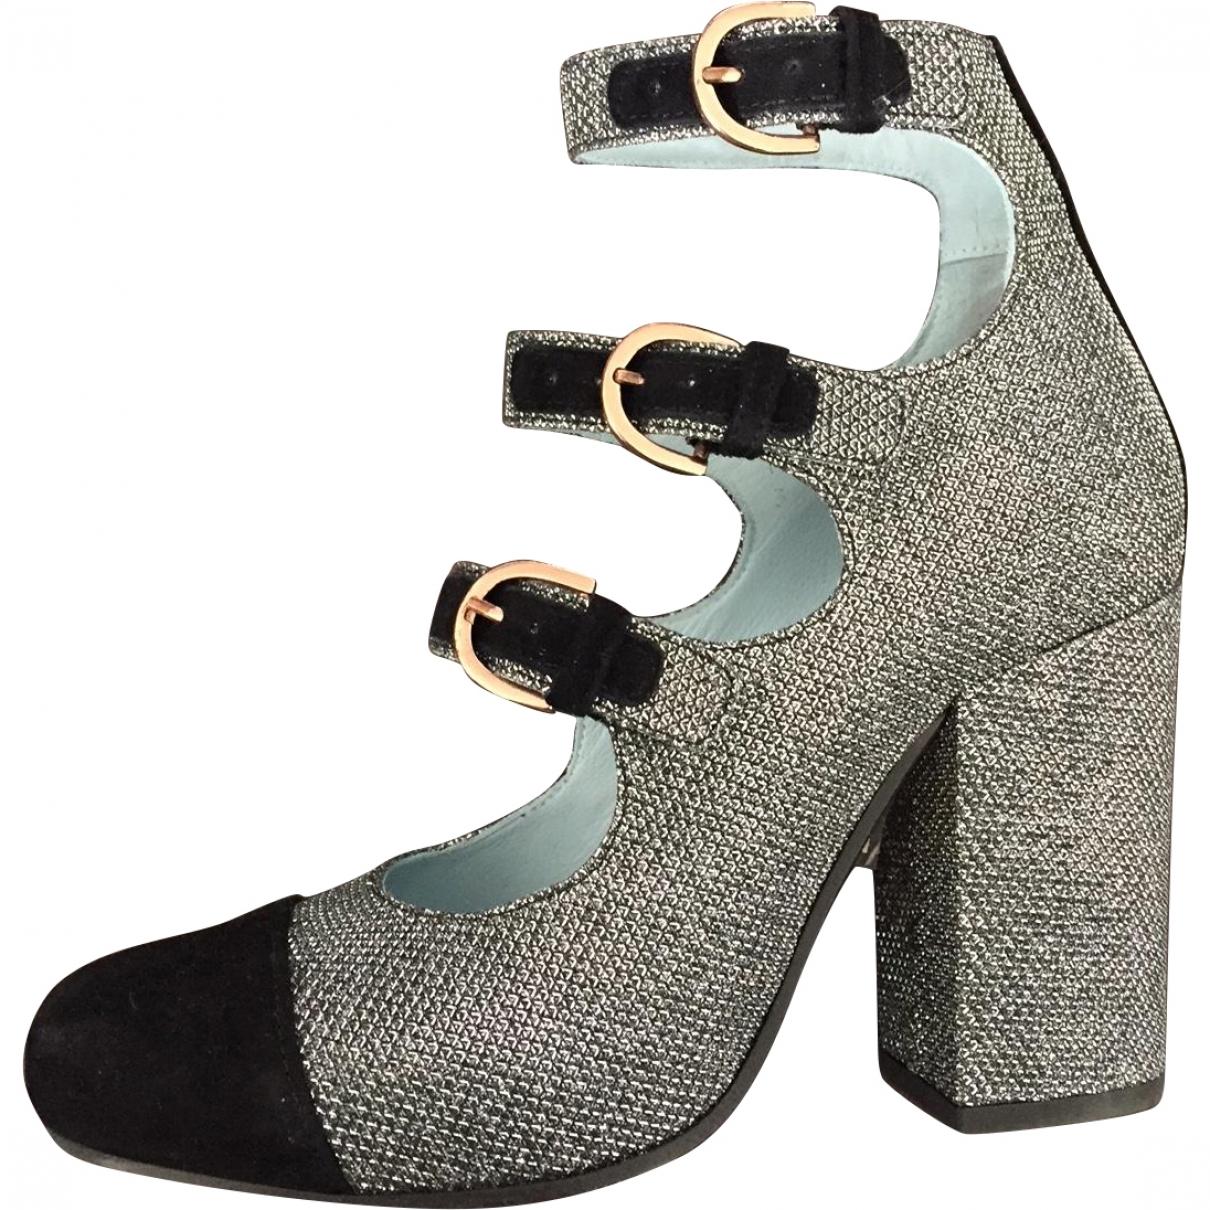 Apologie \N Silver Glitter Heels for Women 38 EU